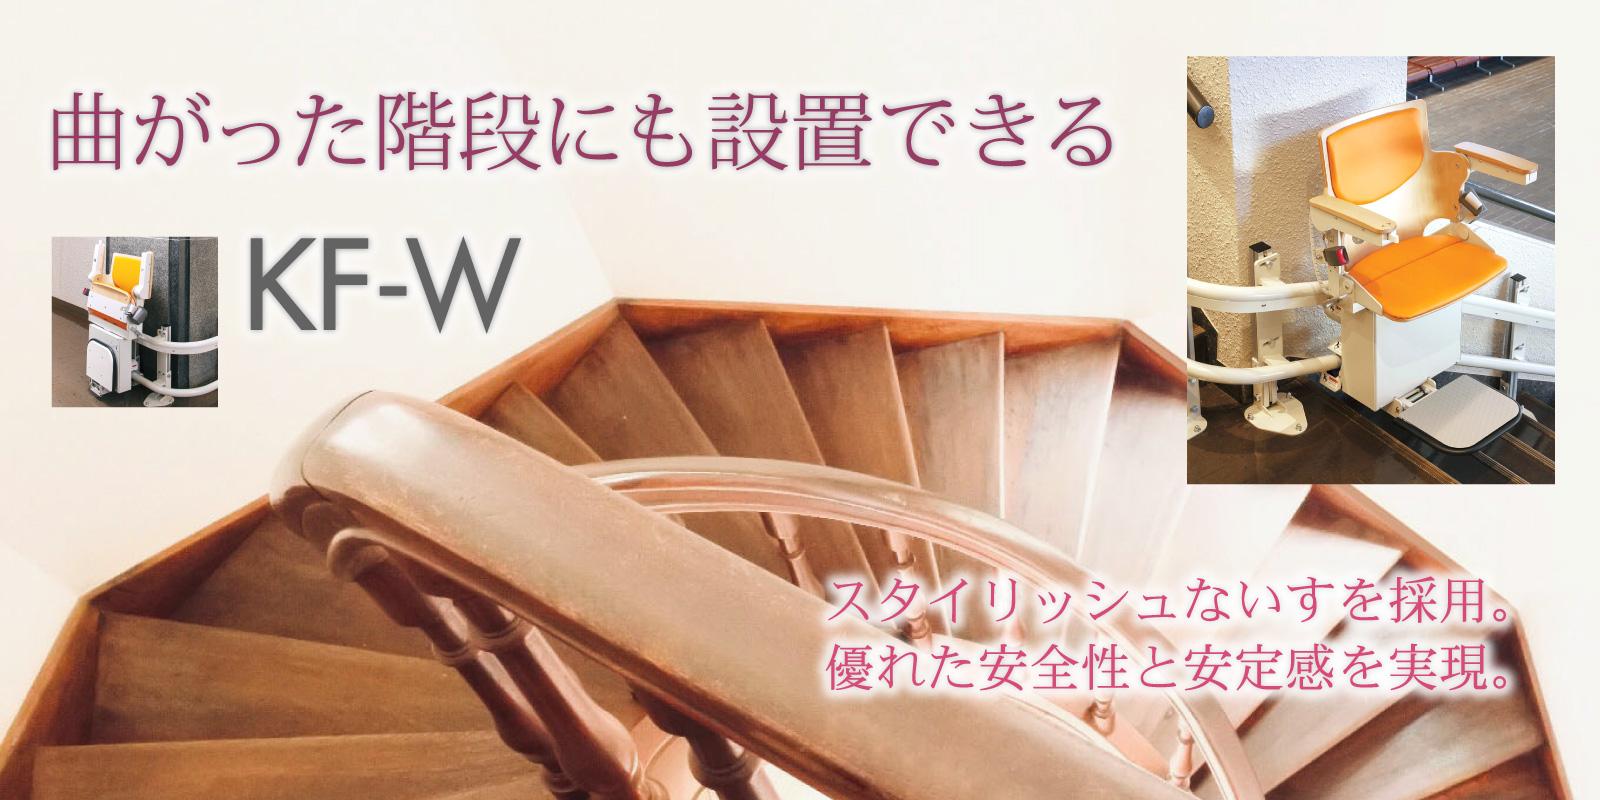 曲がった階段にも設置できるいす式階段昇降機KF-W